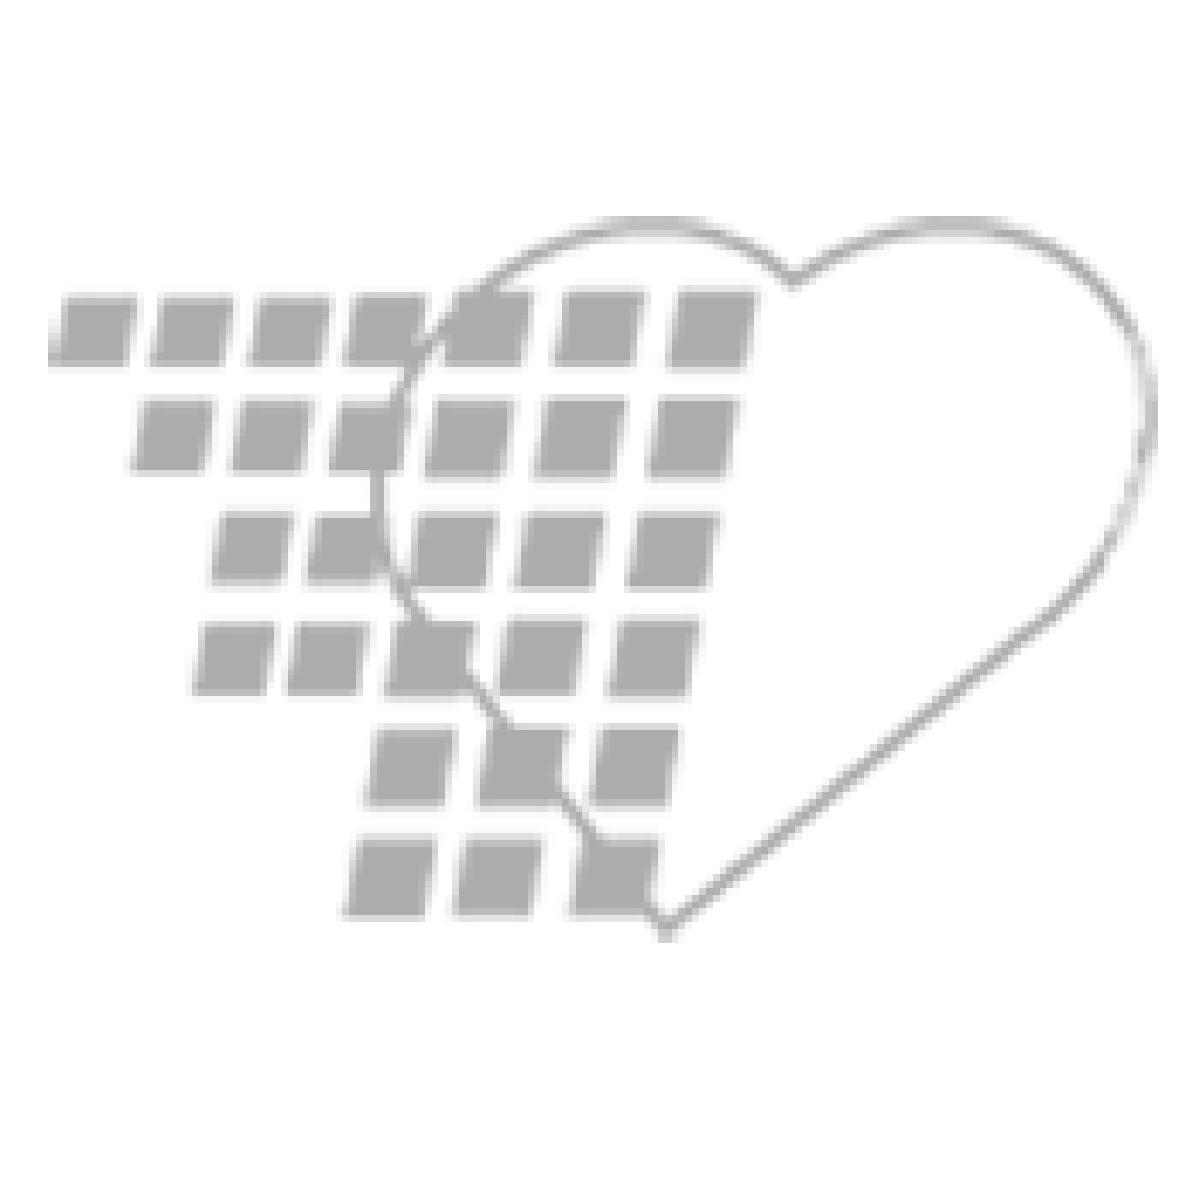 06-93-1000-500ML - Demo Dose® 5% Dextros IV Fluid 500mL